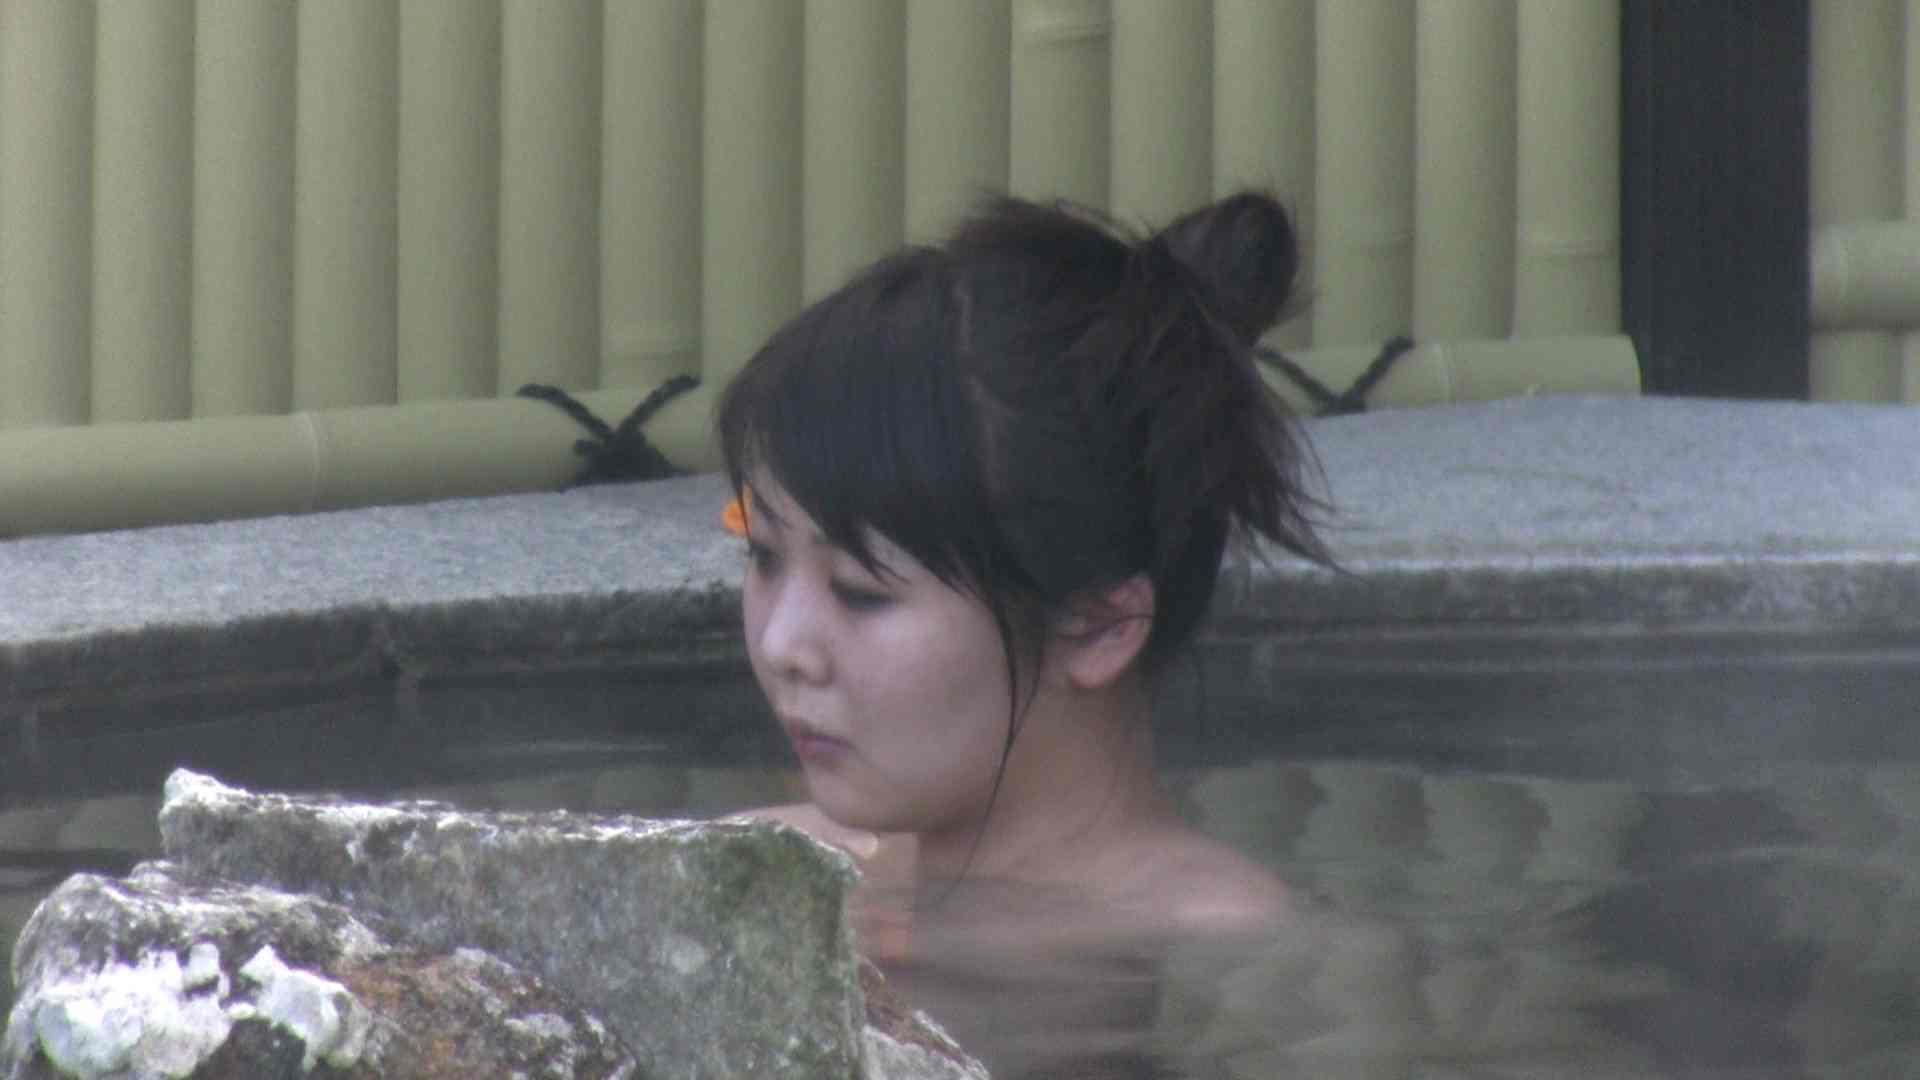 Aquaな露天風呂Vol.118 0  84pic 38